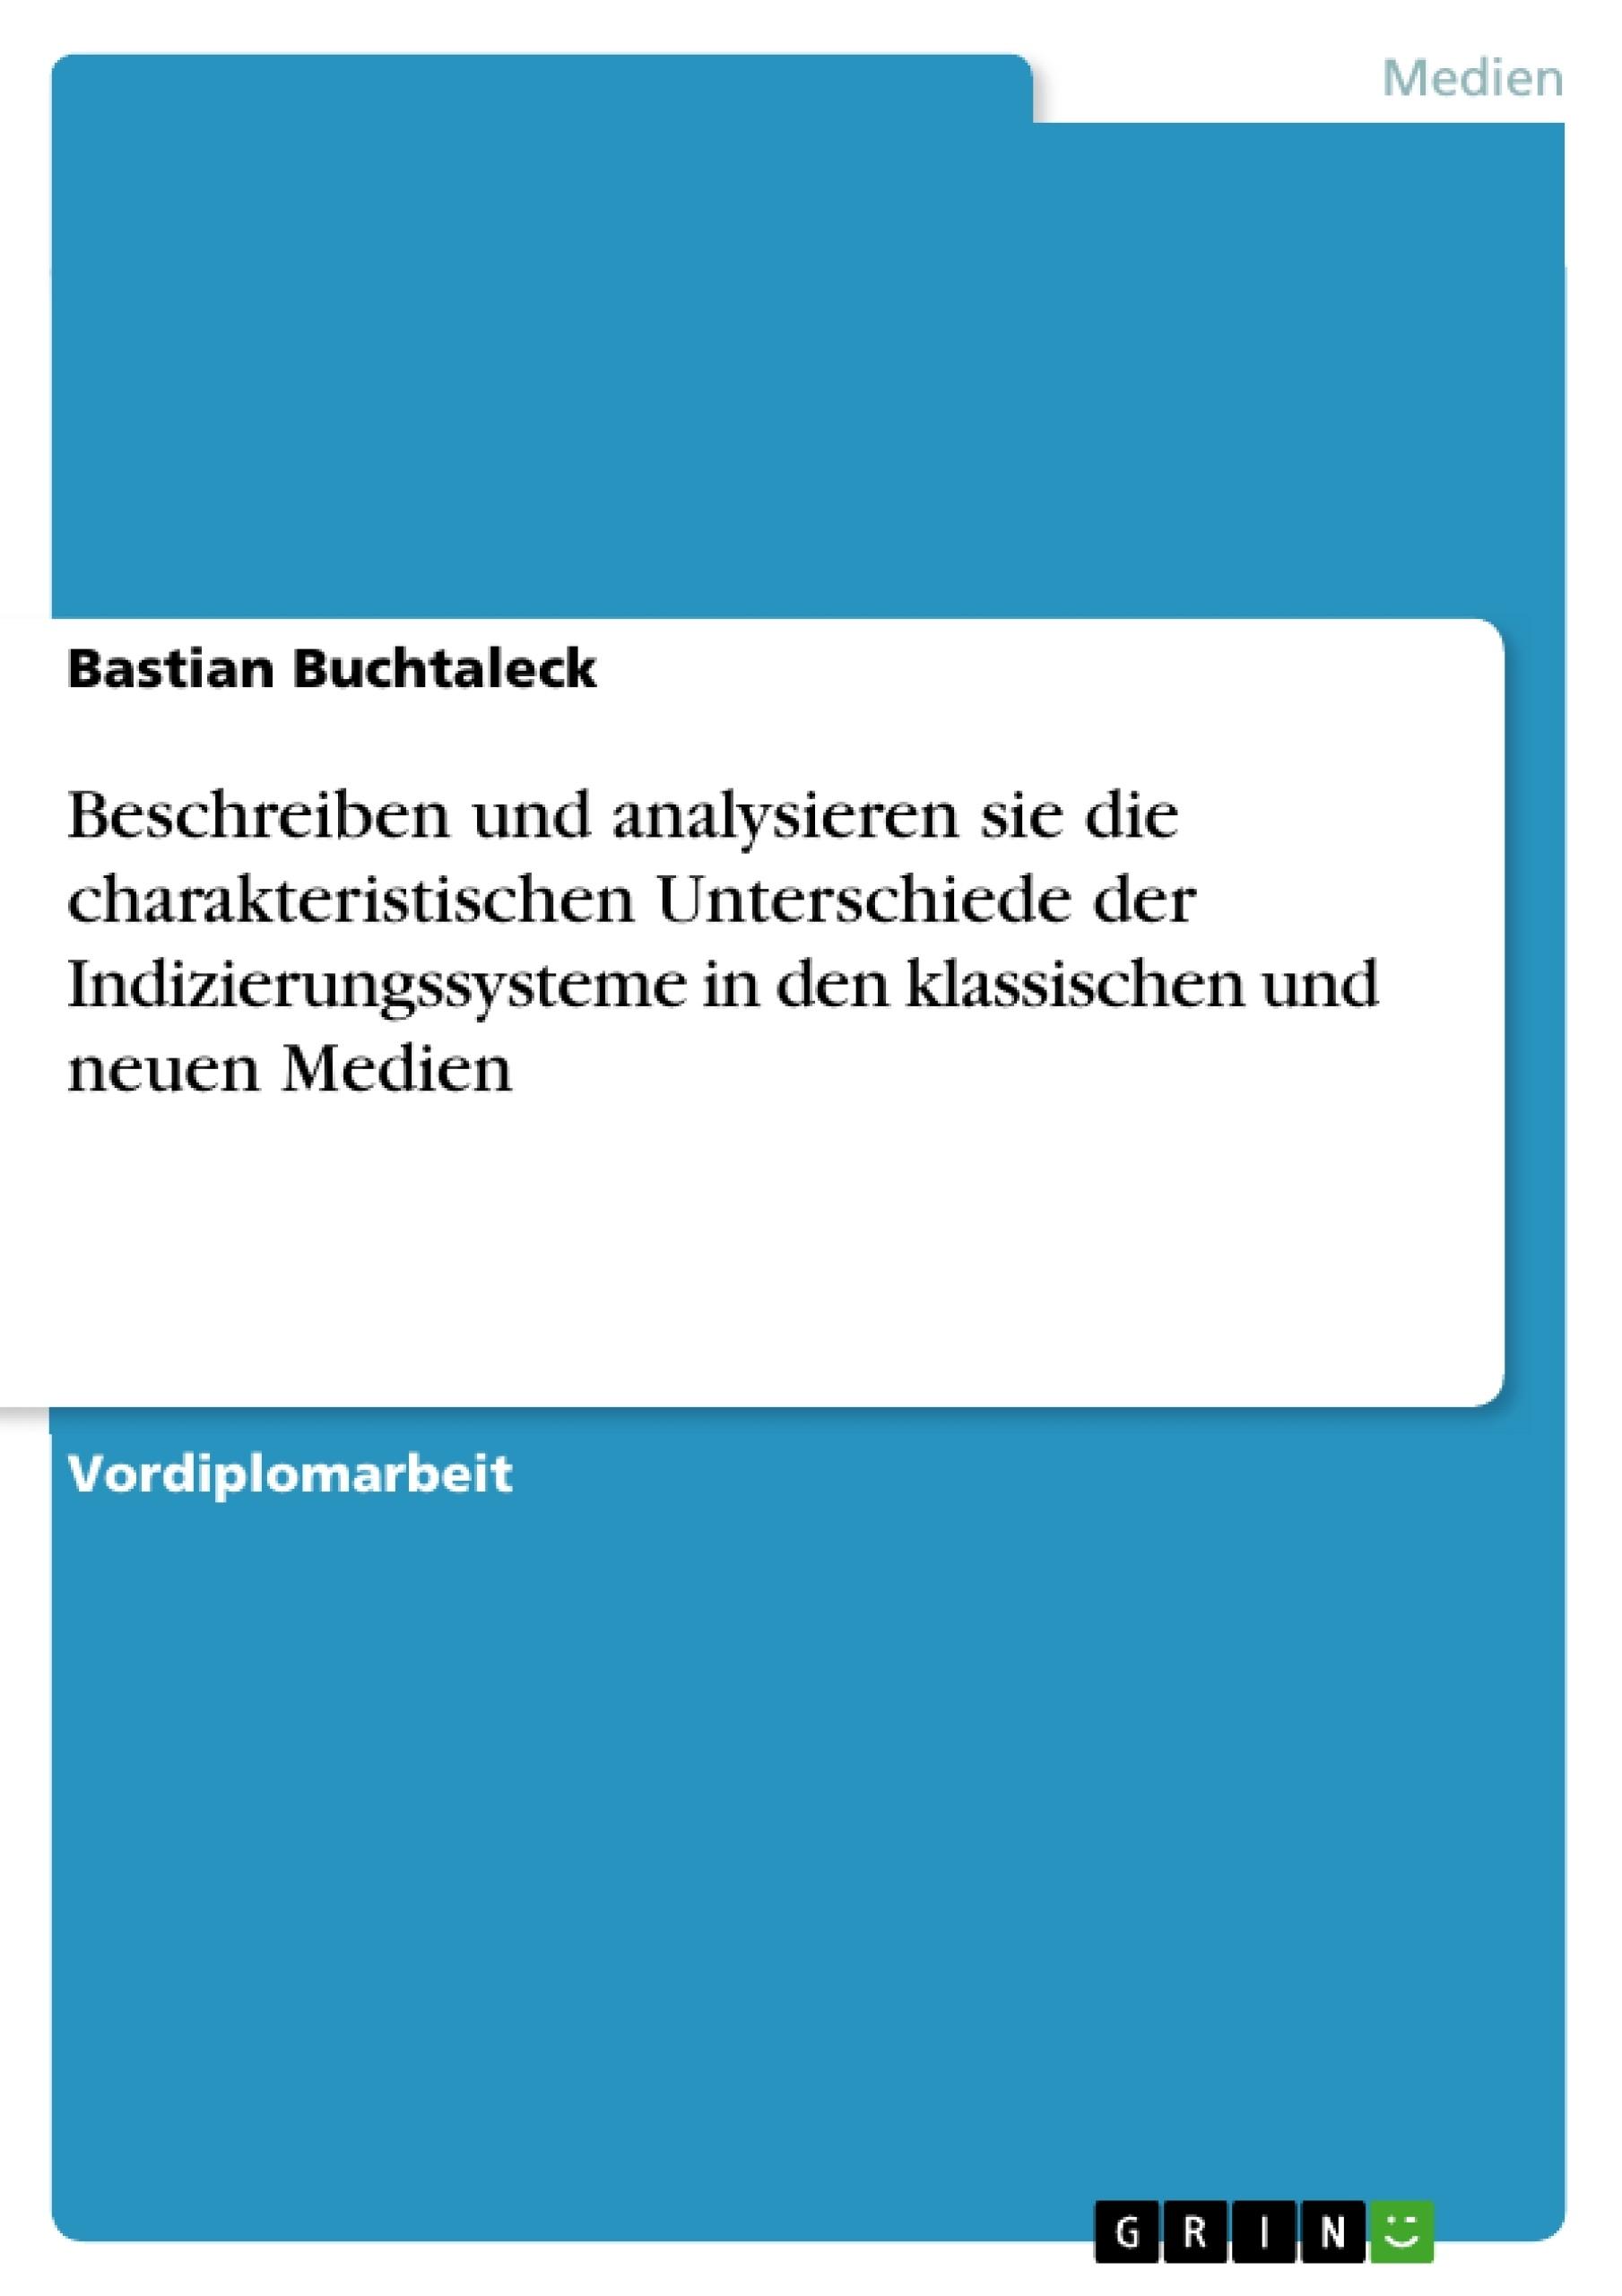 Titel: Beschreiben und analysieren sie die charakteristischen Unterschiede der Indizierungssysteme in den klassischen und neuen Medien